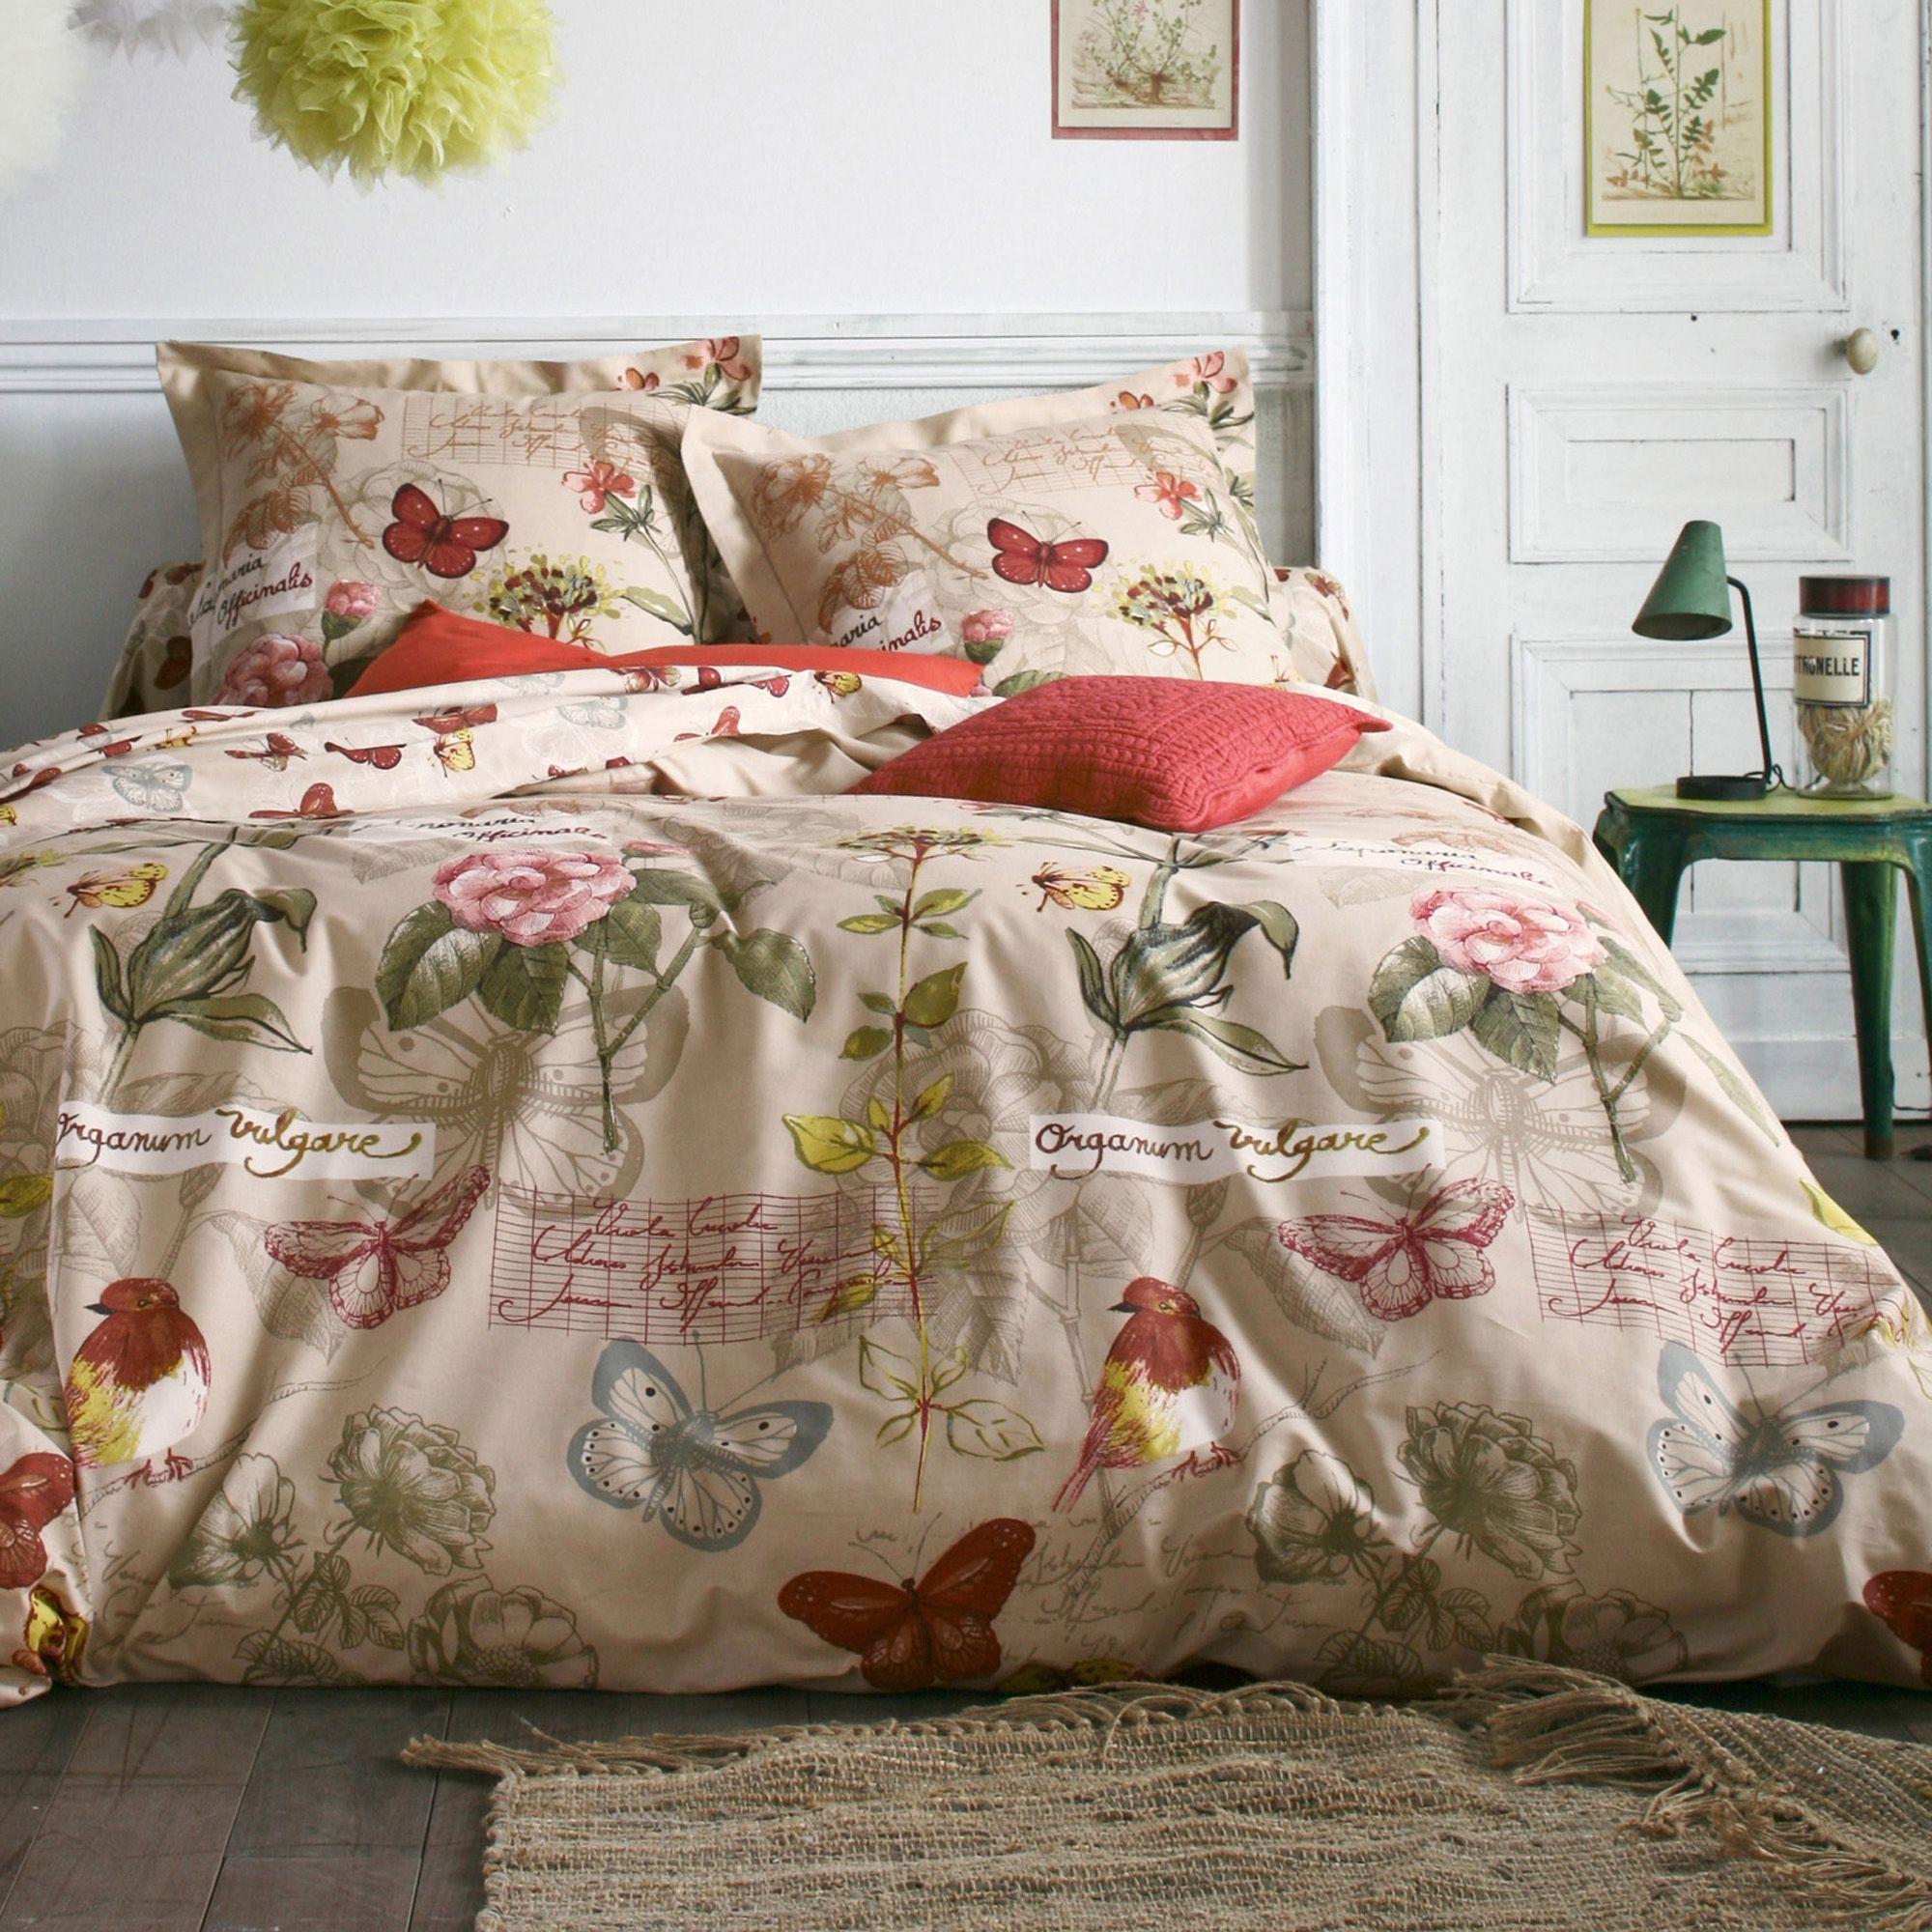 housse de couette imprim e oiseaux papillon coton. Black Bedroom Furniture Sets. Home Design Ideas